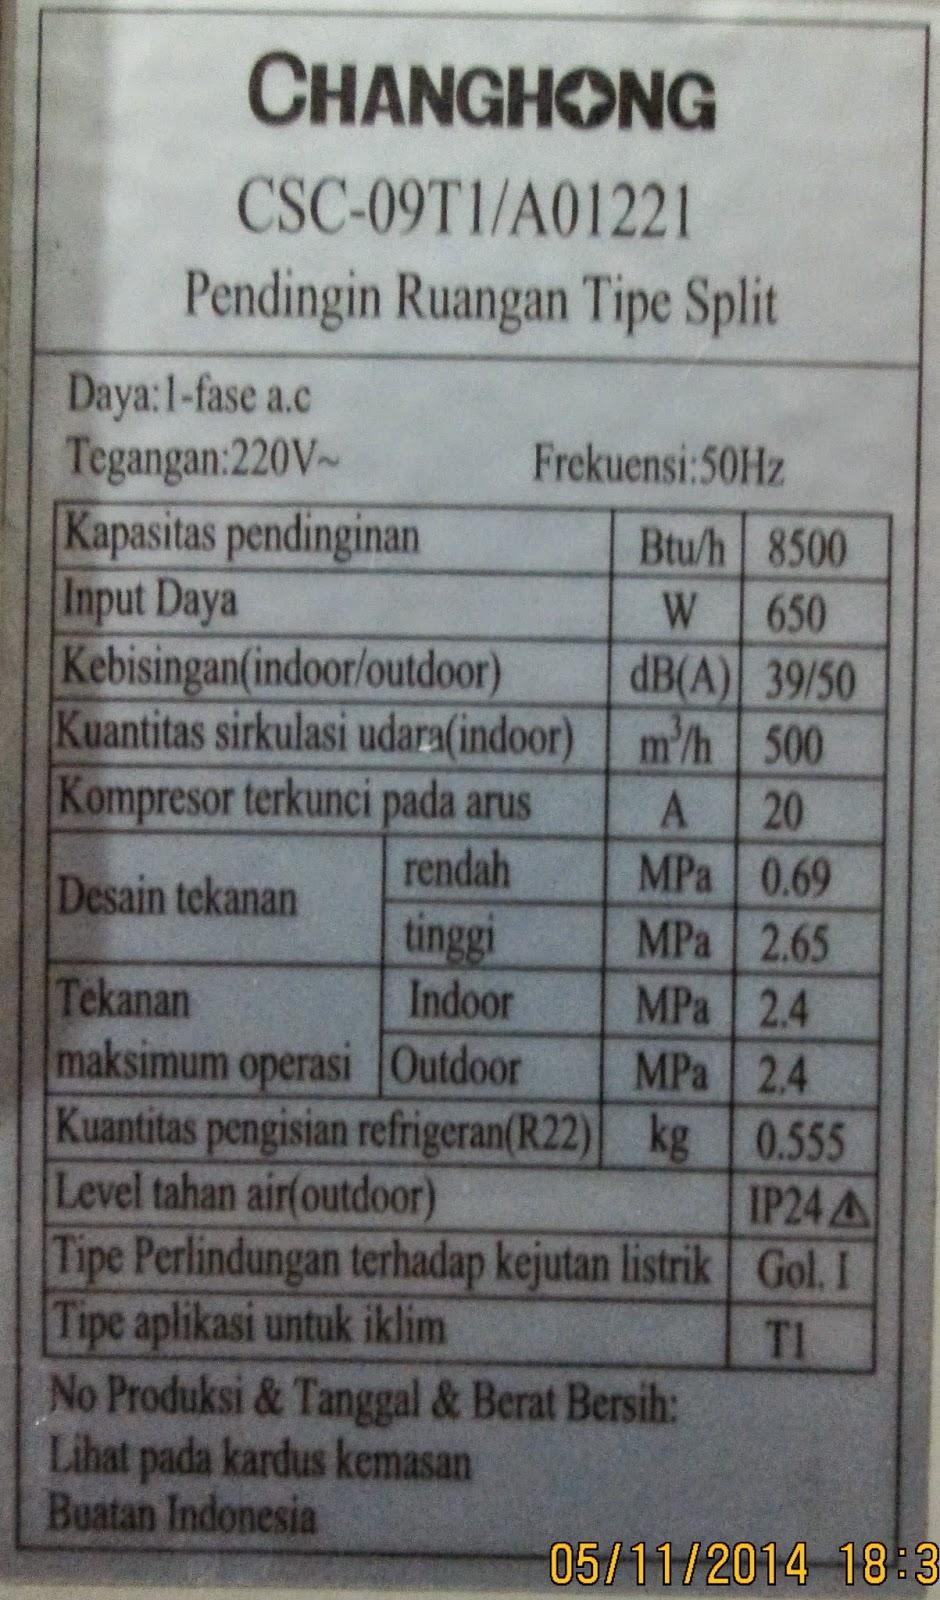 Service AC Kota Serang Baru Plat Spesifikasi Unit AC